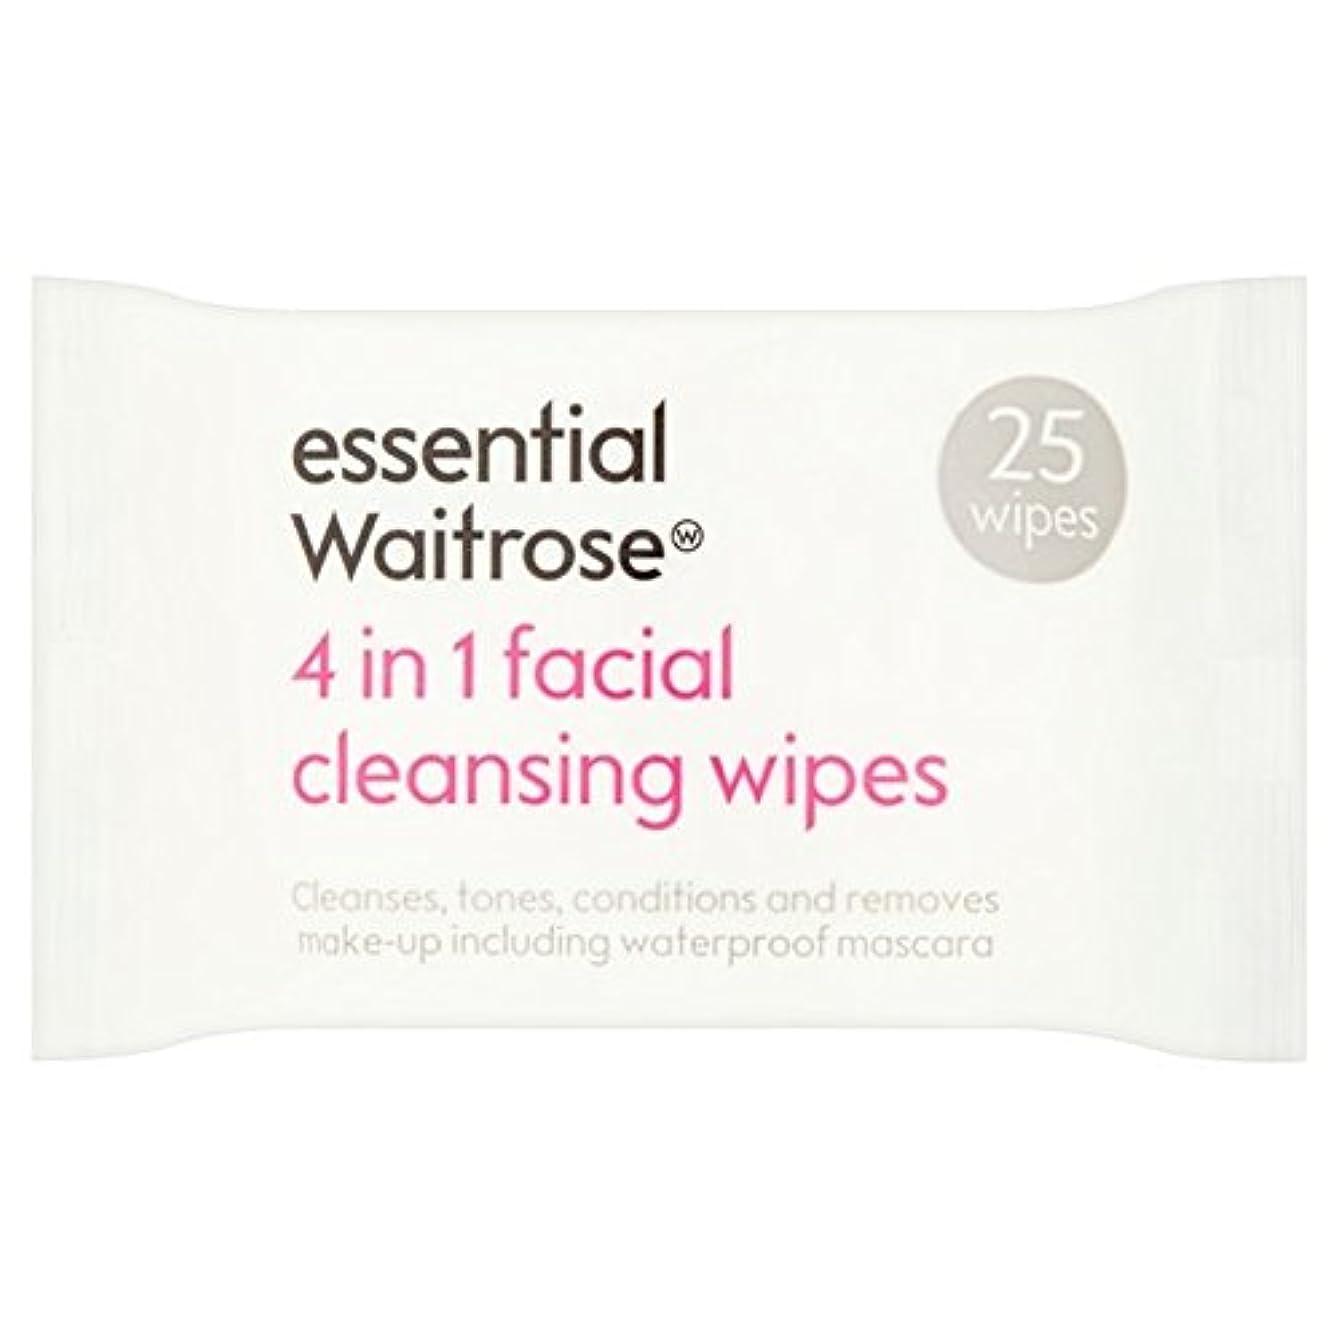 3 1での顔のワイプパックあたり不可欠ウェイトローズ25 x2 - 3 in 1 Facial Wipes essential Waitrose 25 per pack (Pack of 2) [並行輸入品]